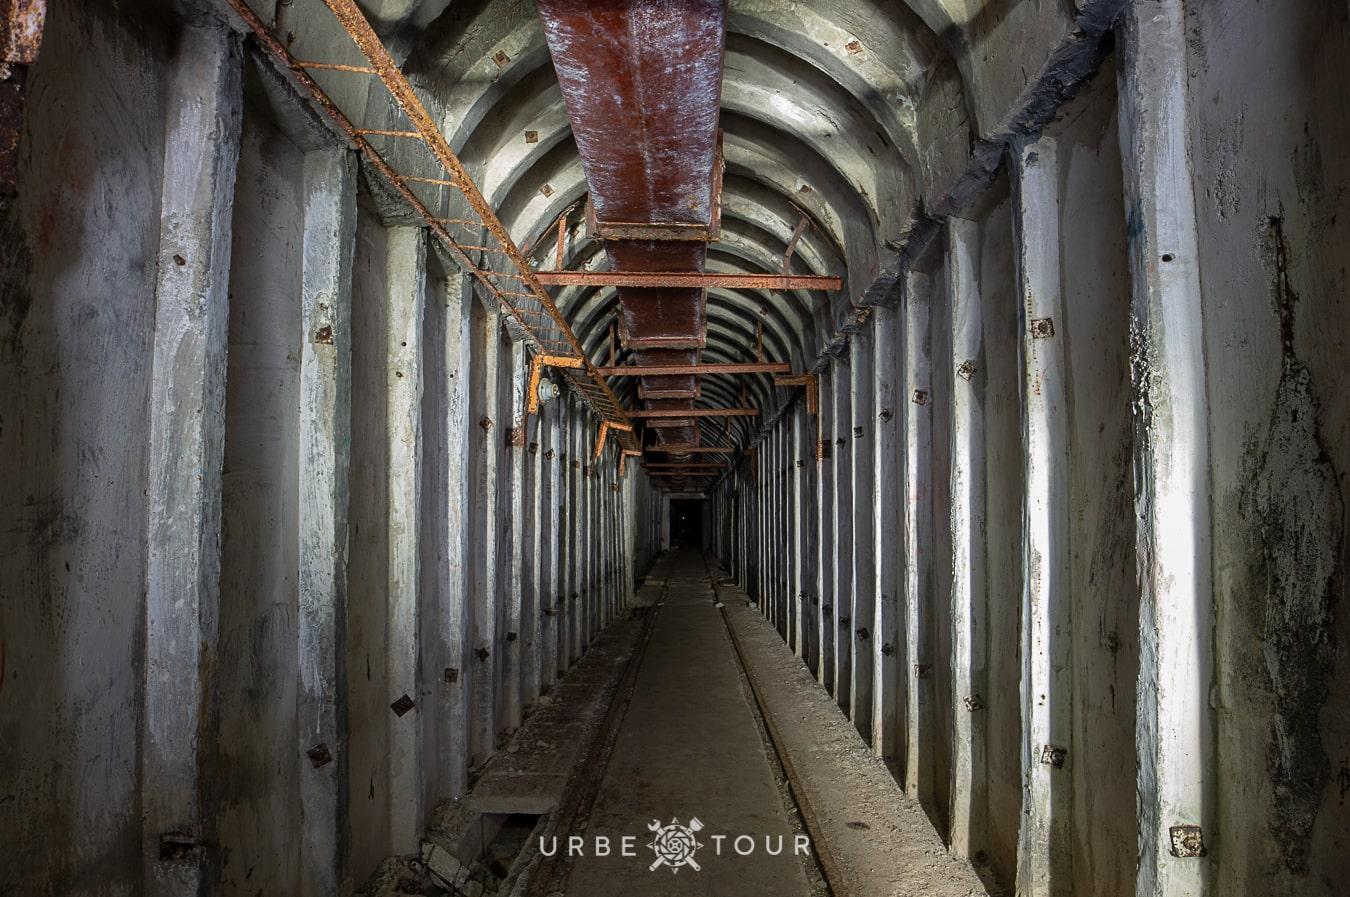 porto-palermo-submarine-base-albania-14-2 Подземная база для подводных лодок в Порто Палермо, Албания